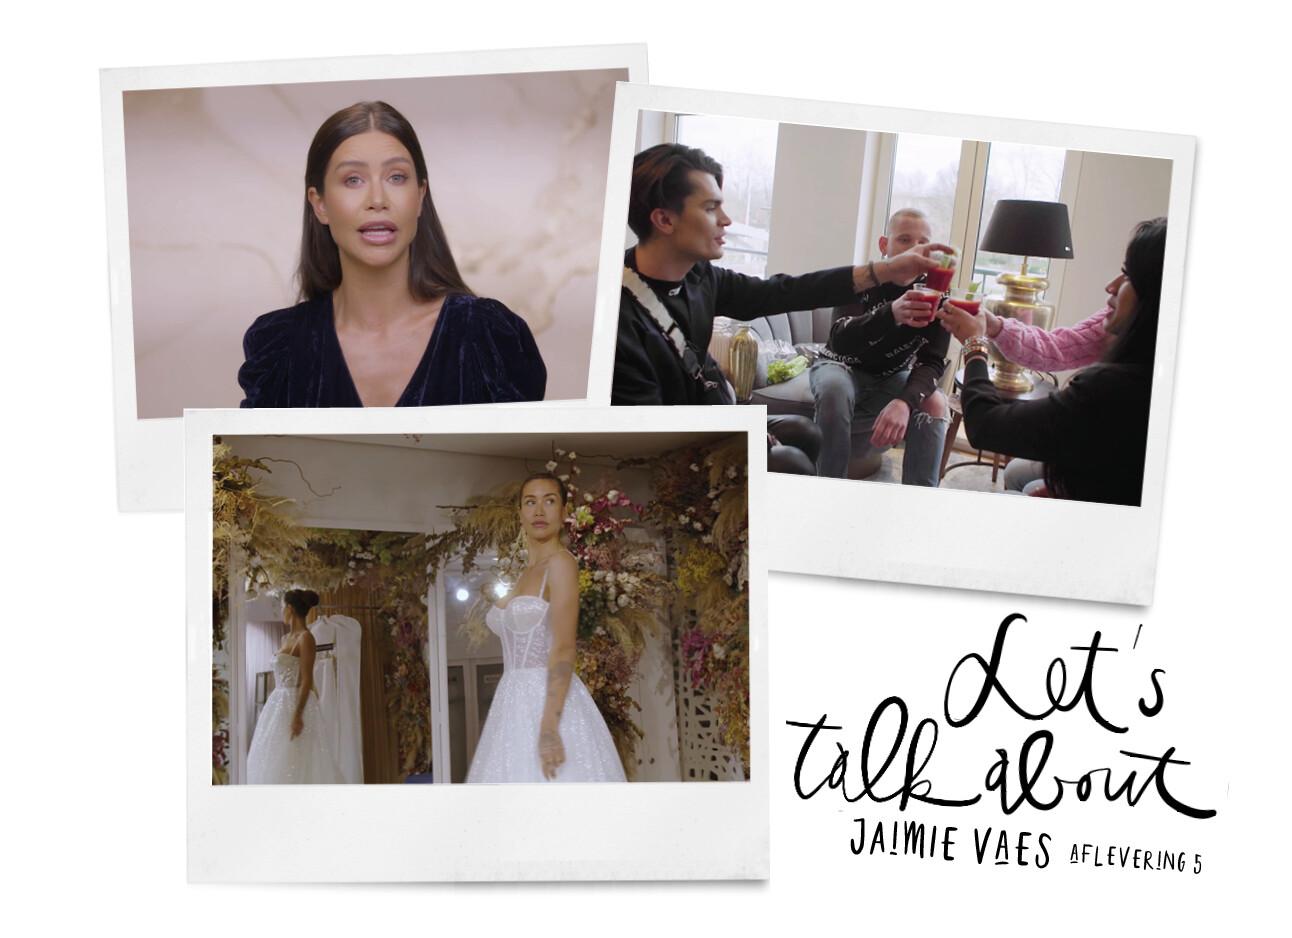 Ik keek Jaimie Vaes: In The Vaes Lane aflevering 5 en dit is wat ik dacht